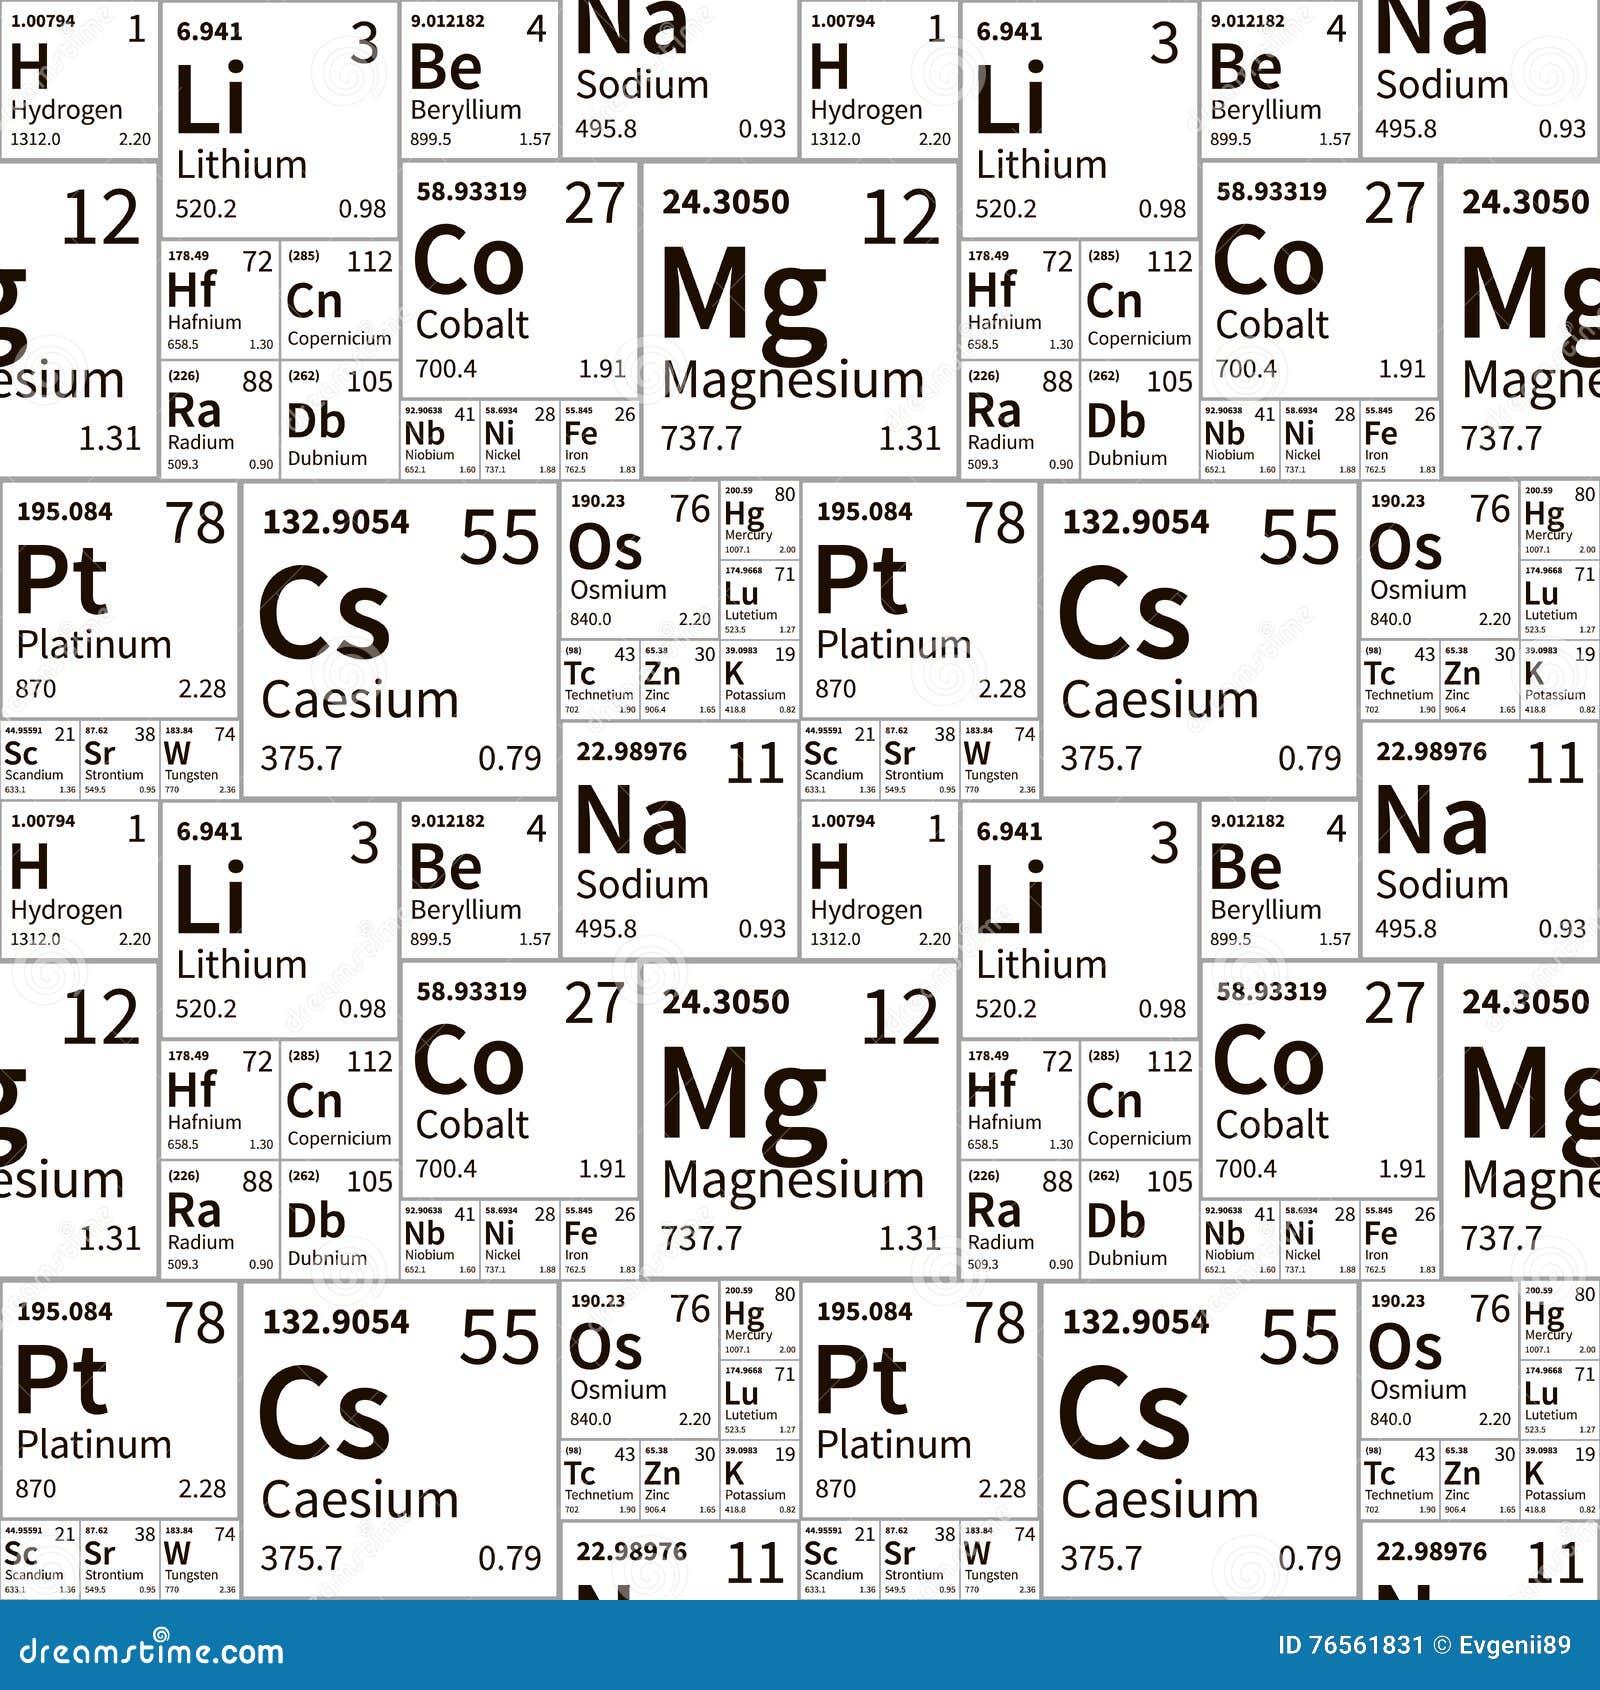 Tabla periodica de los elementos quimicos en blanco y negro image elementos qumicos de la tabla peridica modelo inconstil blanco y elementos qumicos de la tabla peridica urtaz Choice Image